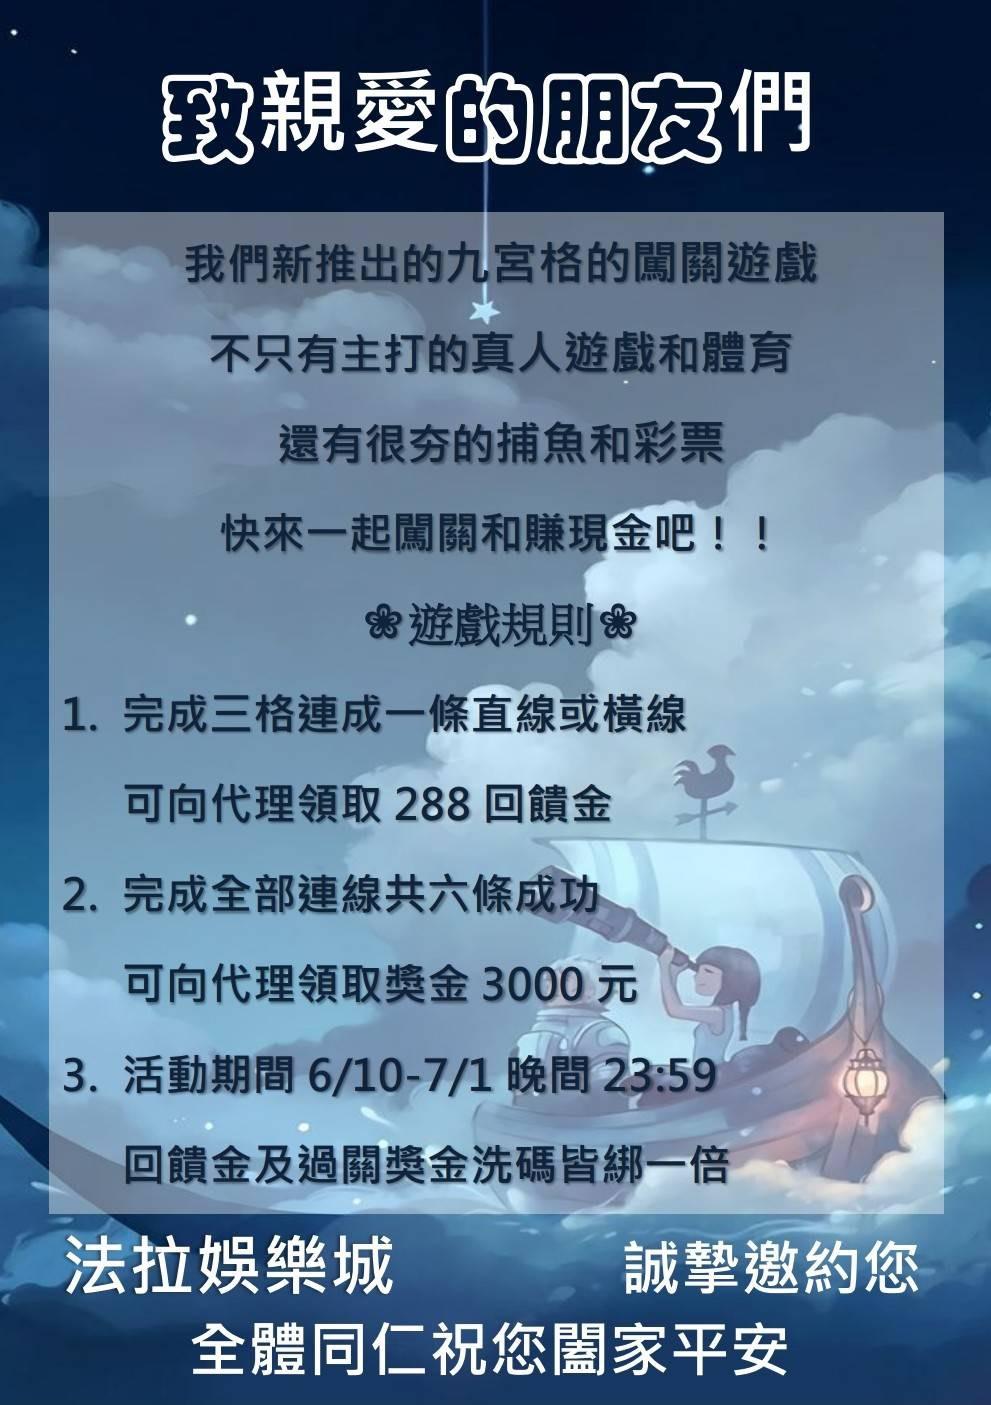 法拉娛樂城 很推薦 https://aw48.cc/?f=66